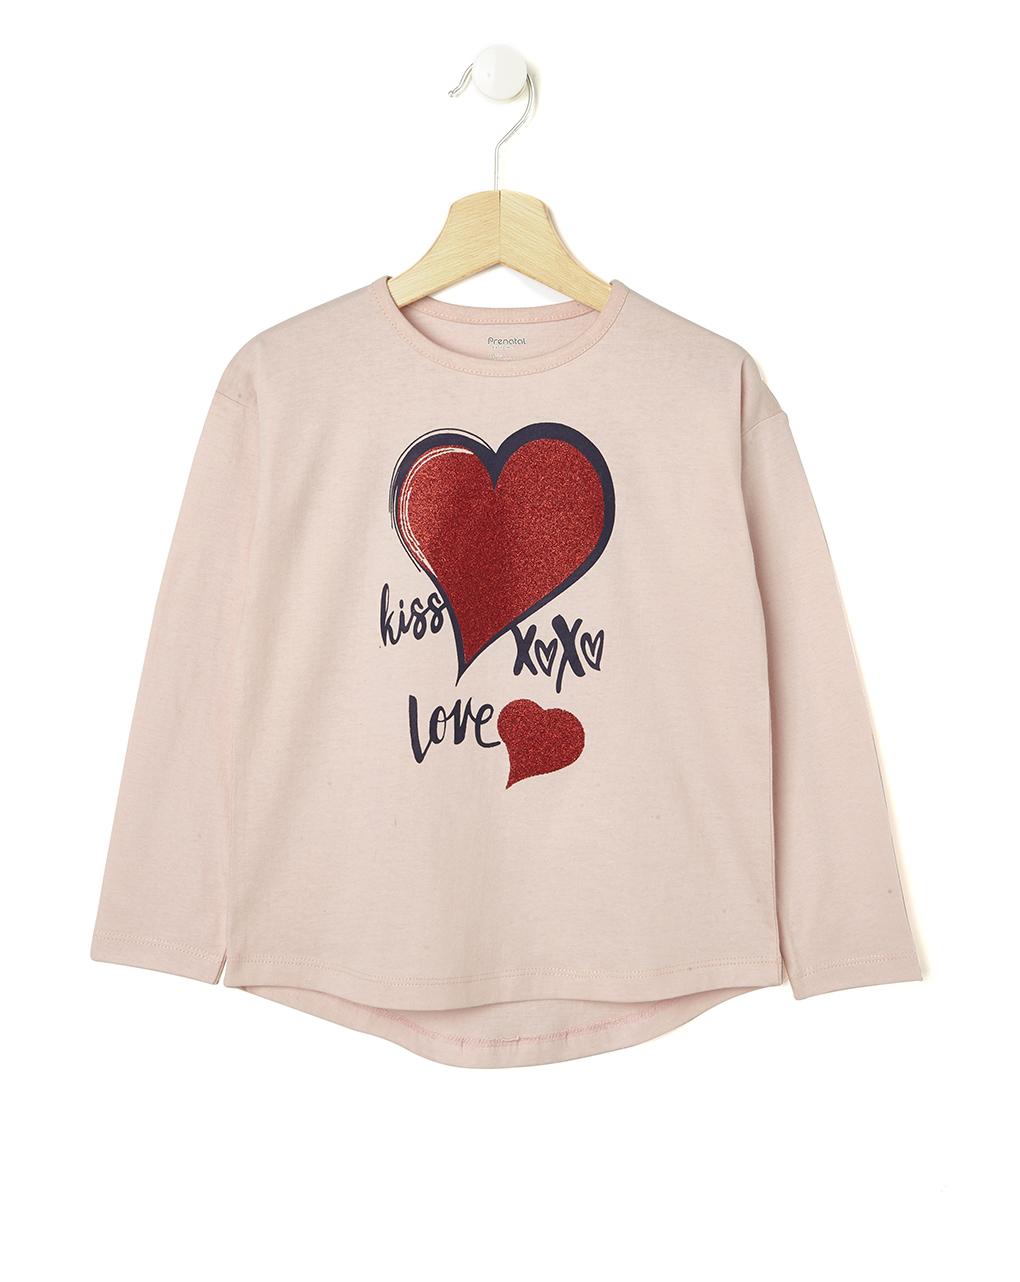 Μπλούζα Μακρυμάνικη Jersey με Στάμπα Ροζ για Κορίτσι